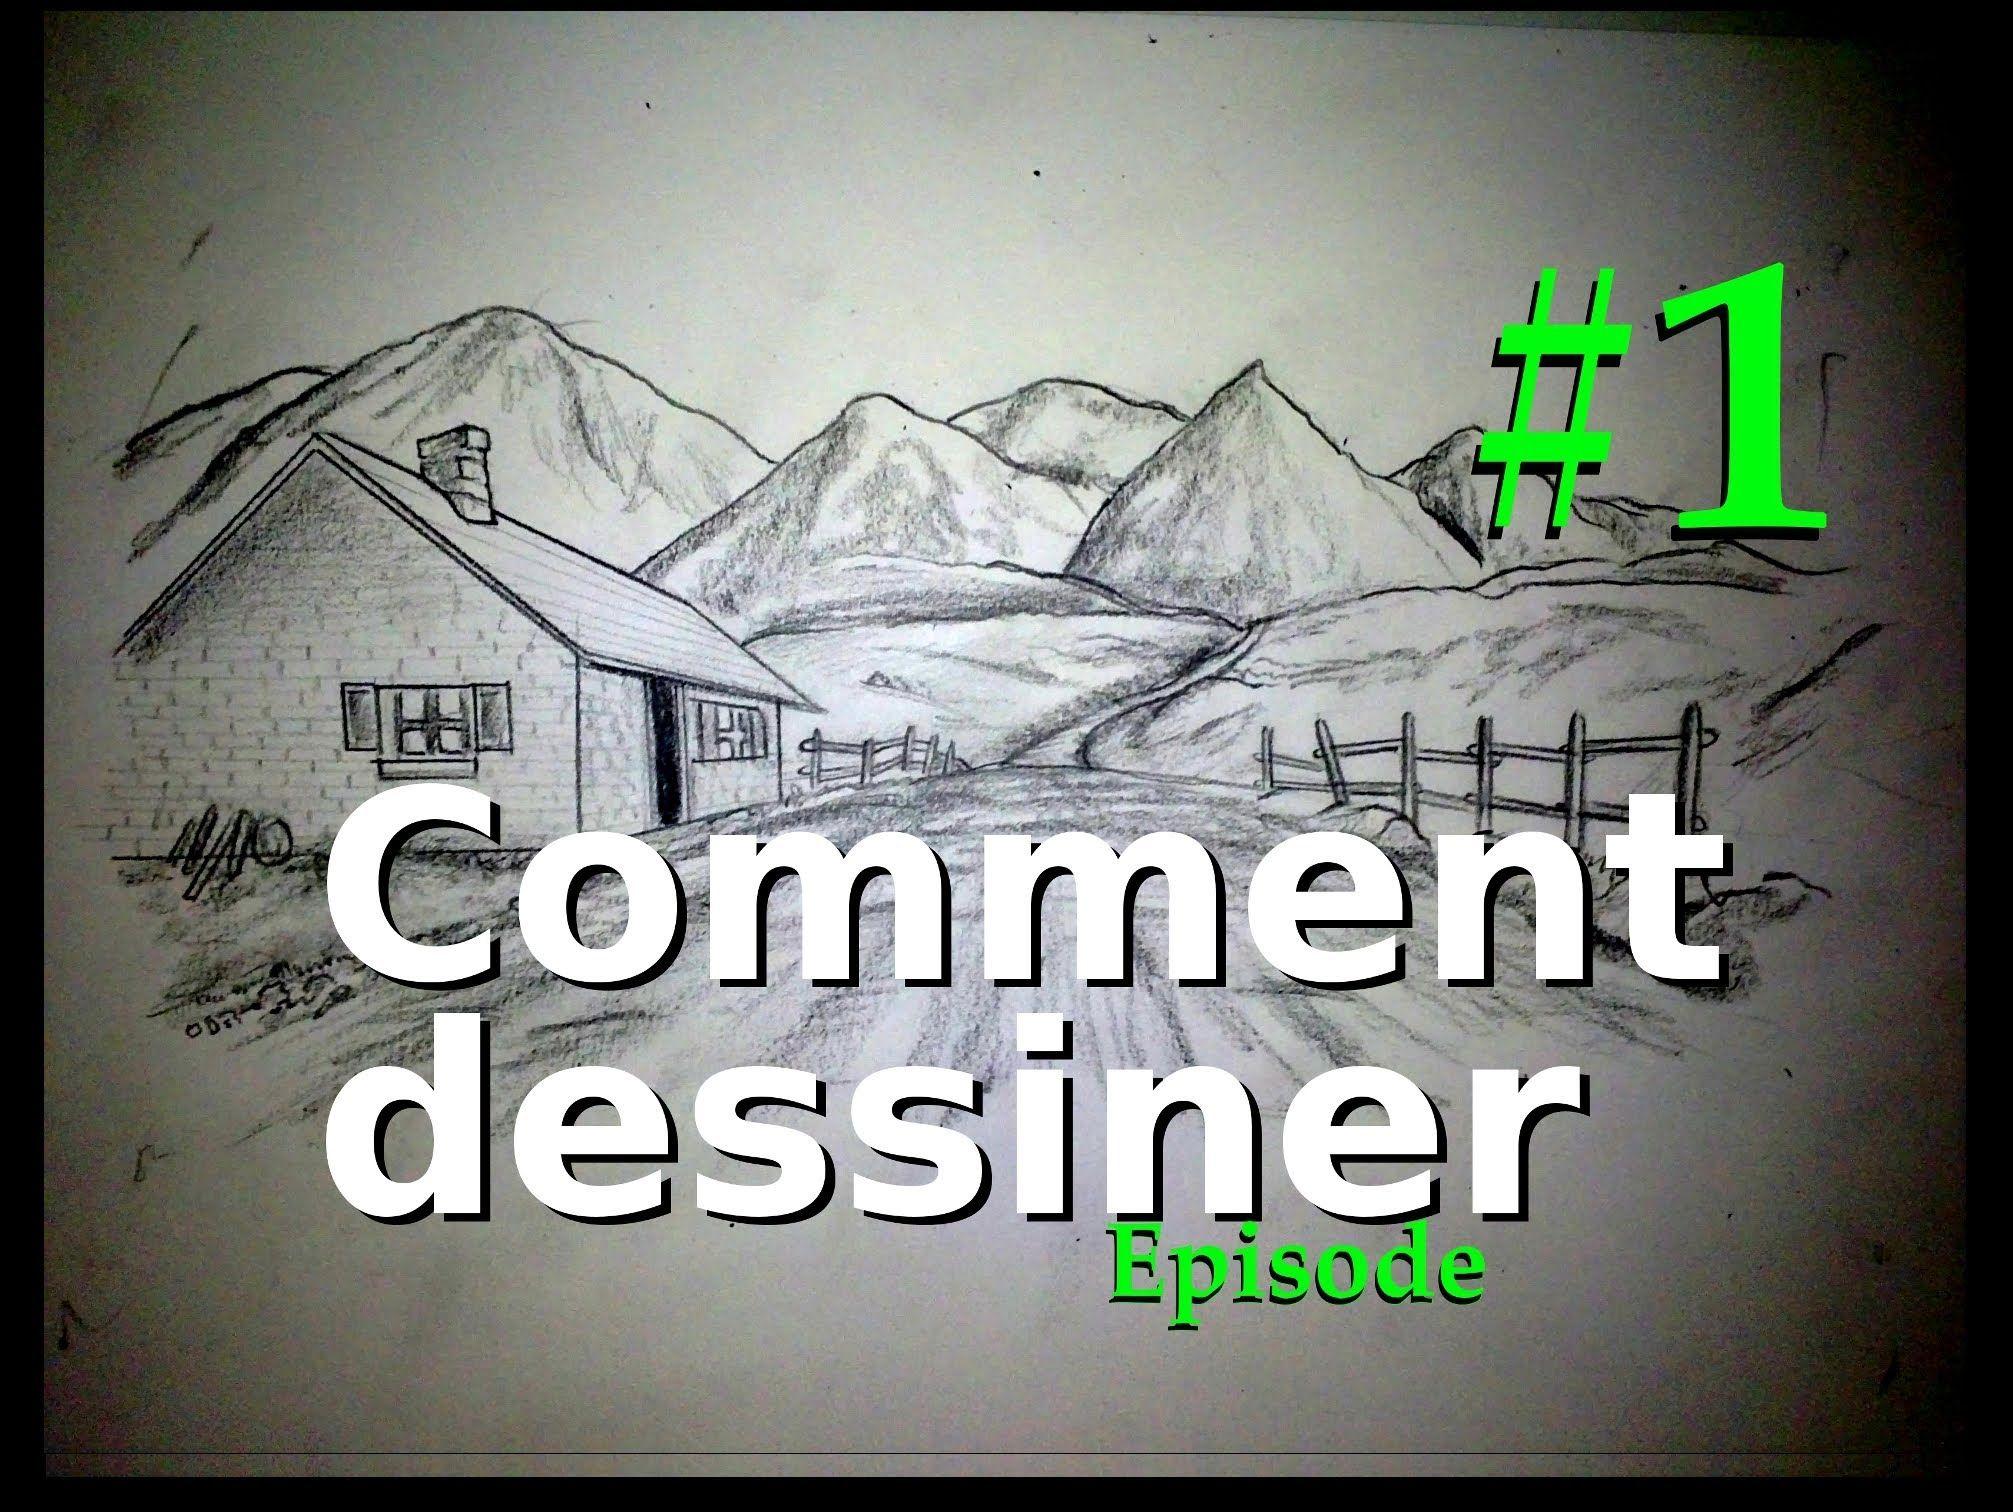 Sur Cet Episode La Materiel De Dessin L Aprentissage Du Dessin La Perspective La Technique Comment Dessiner Un P Art Courses Art Pr Urban Sketching